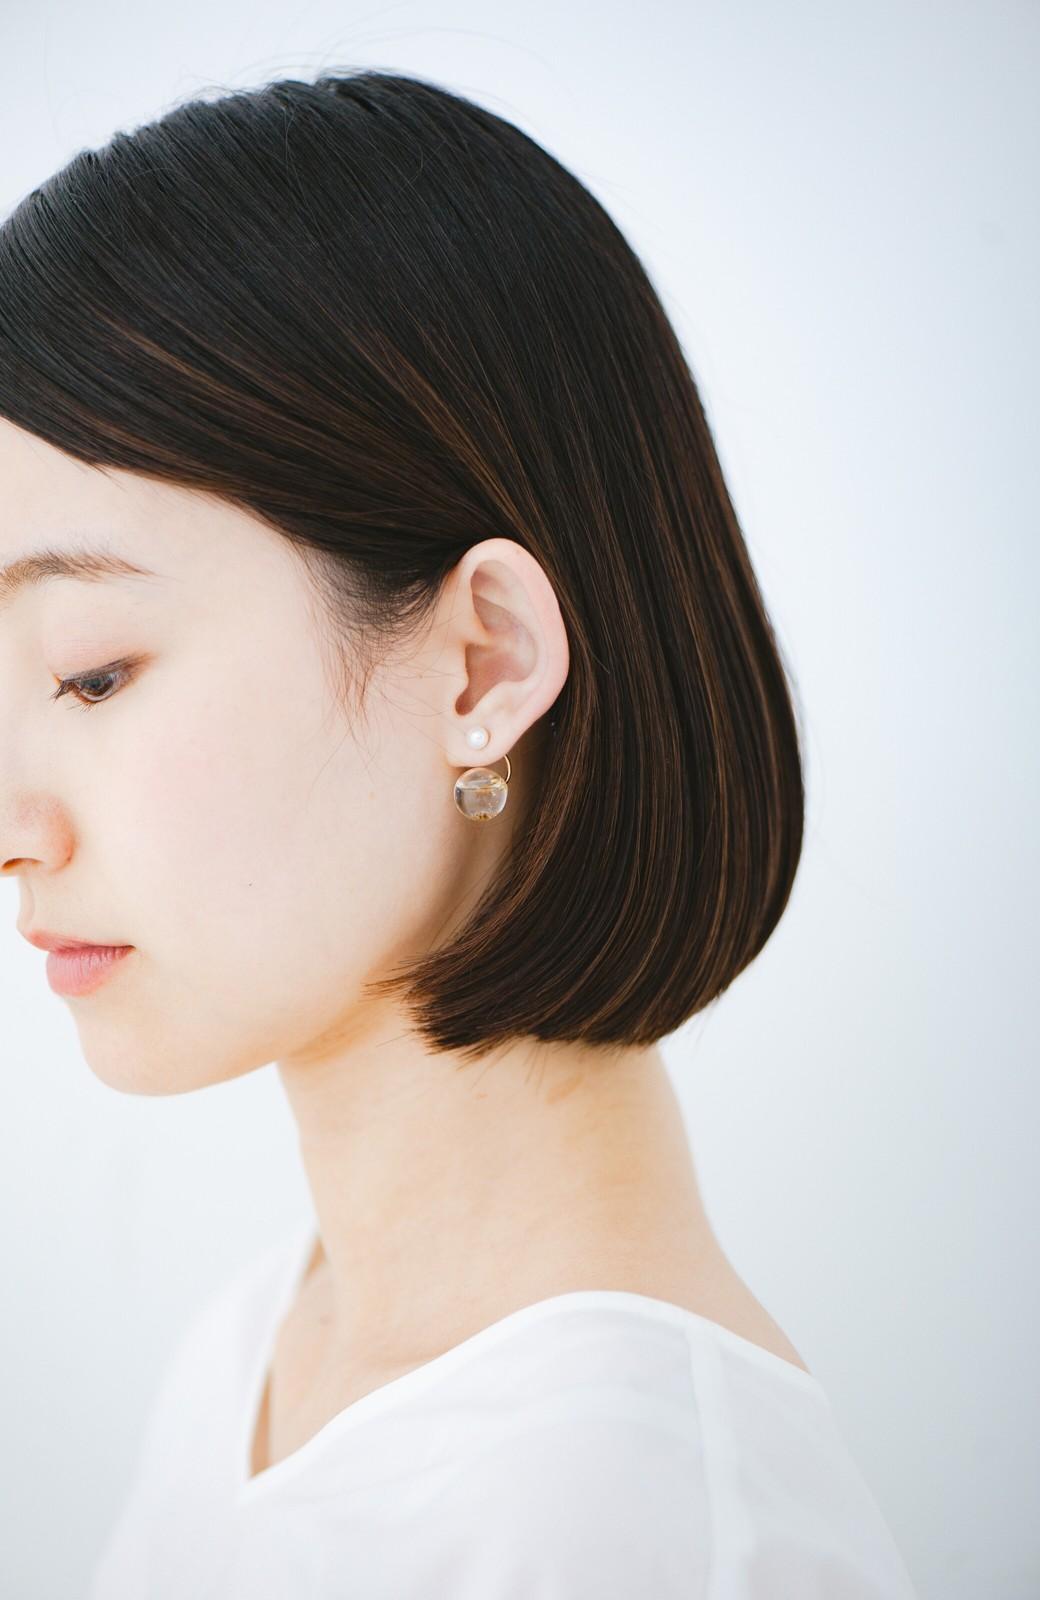 haco! てとひとて KANA MATSUNAMI チャリティー企画 Hanging glass dome 2wayピアス <ゴールド>の商品写真2